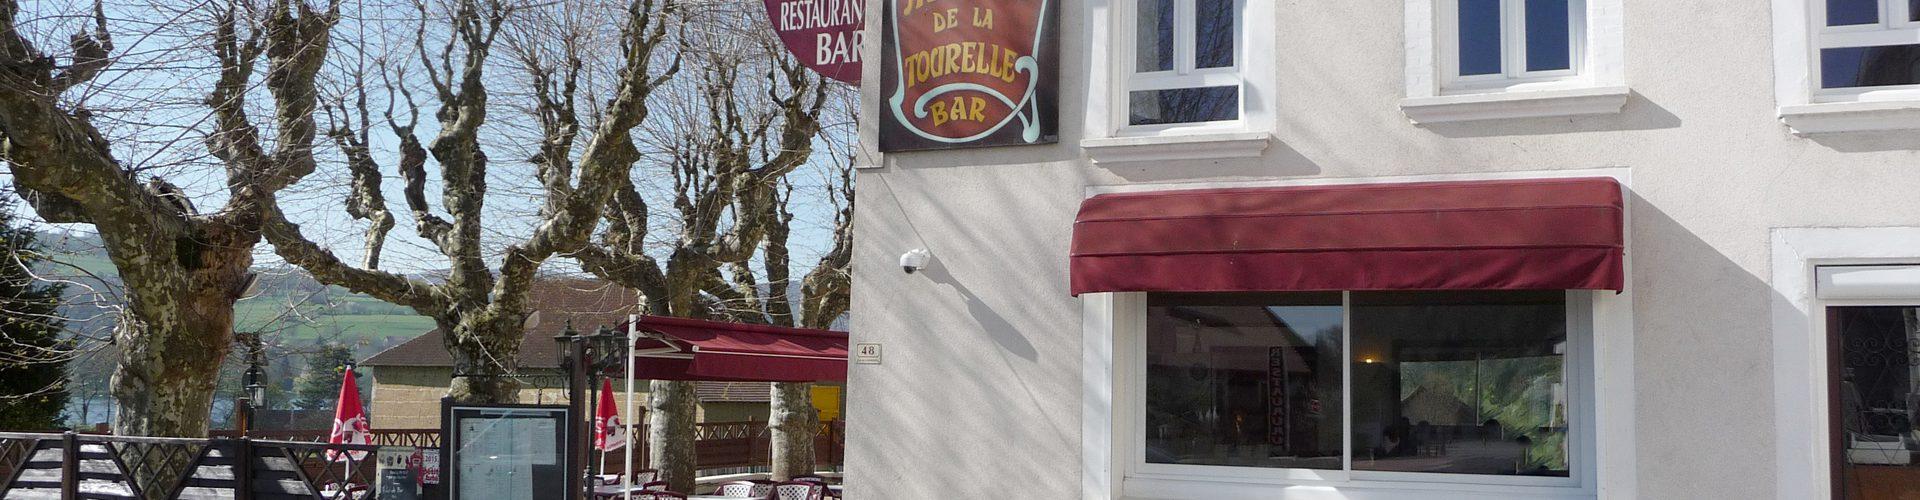 Restaurant Le Relais De La Tourelle - Entrée